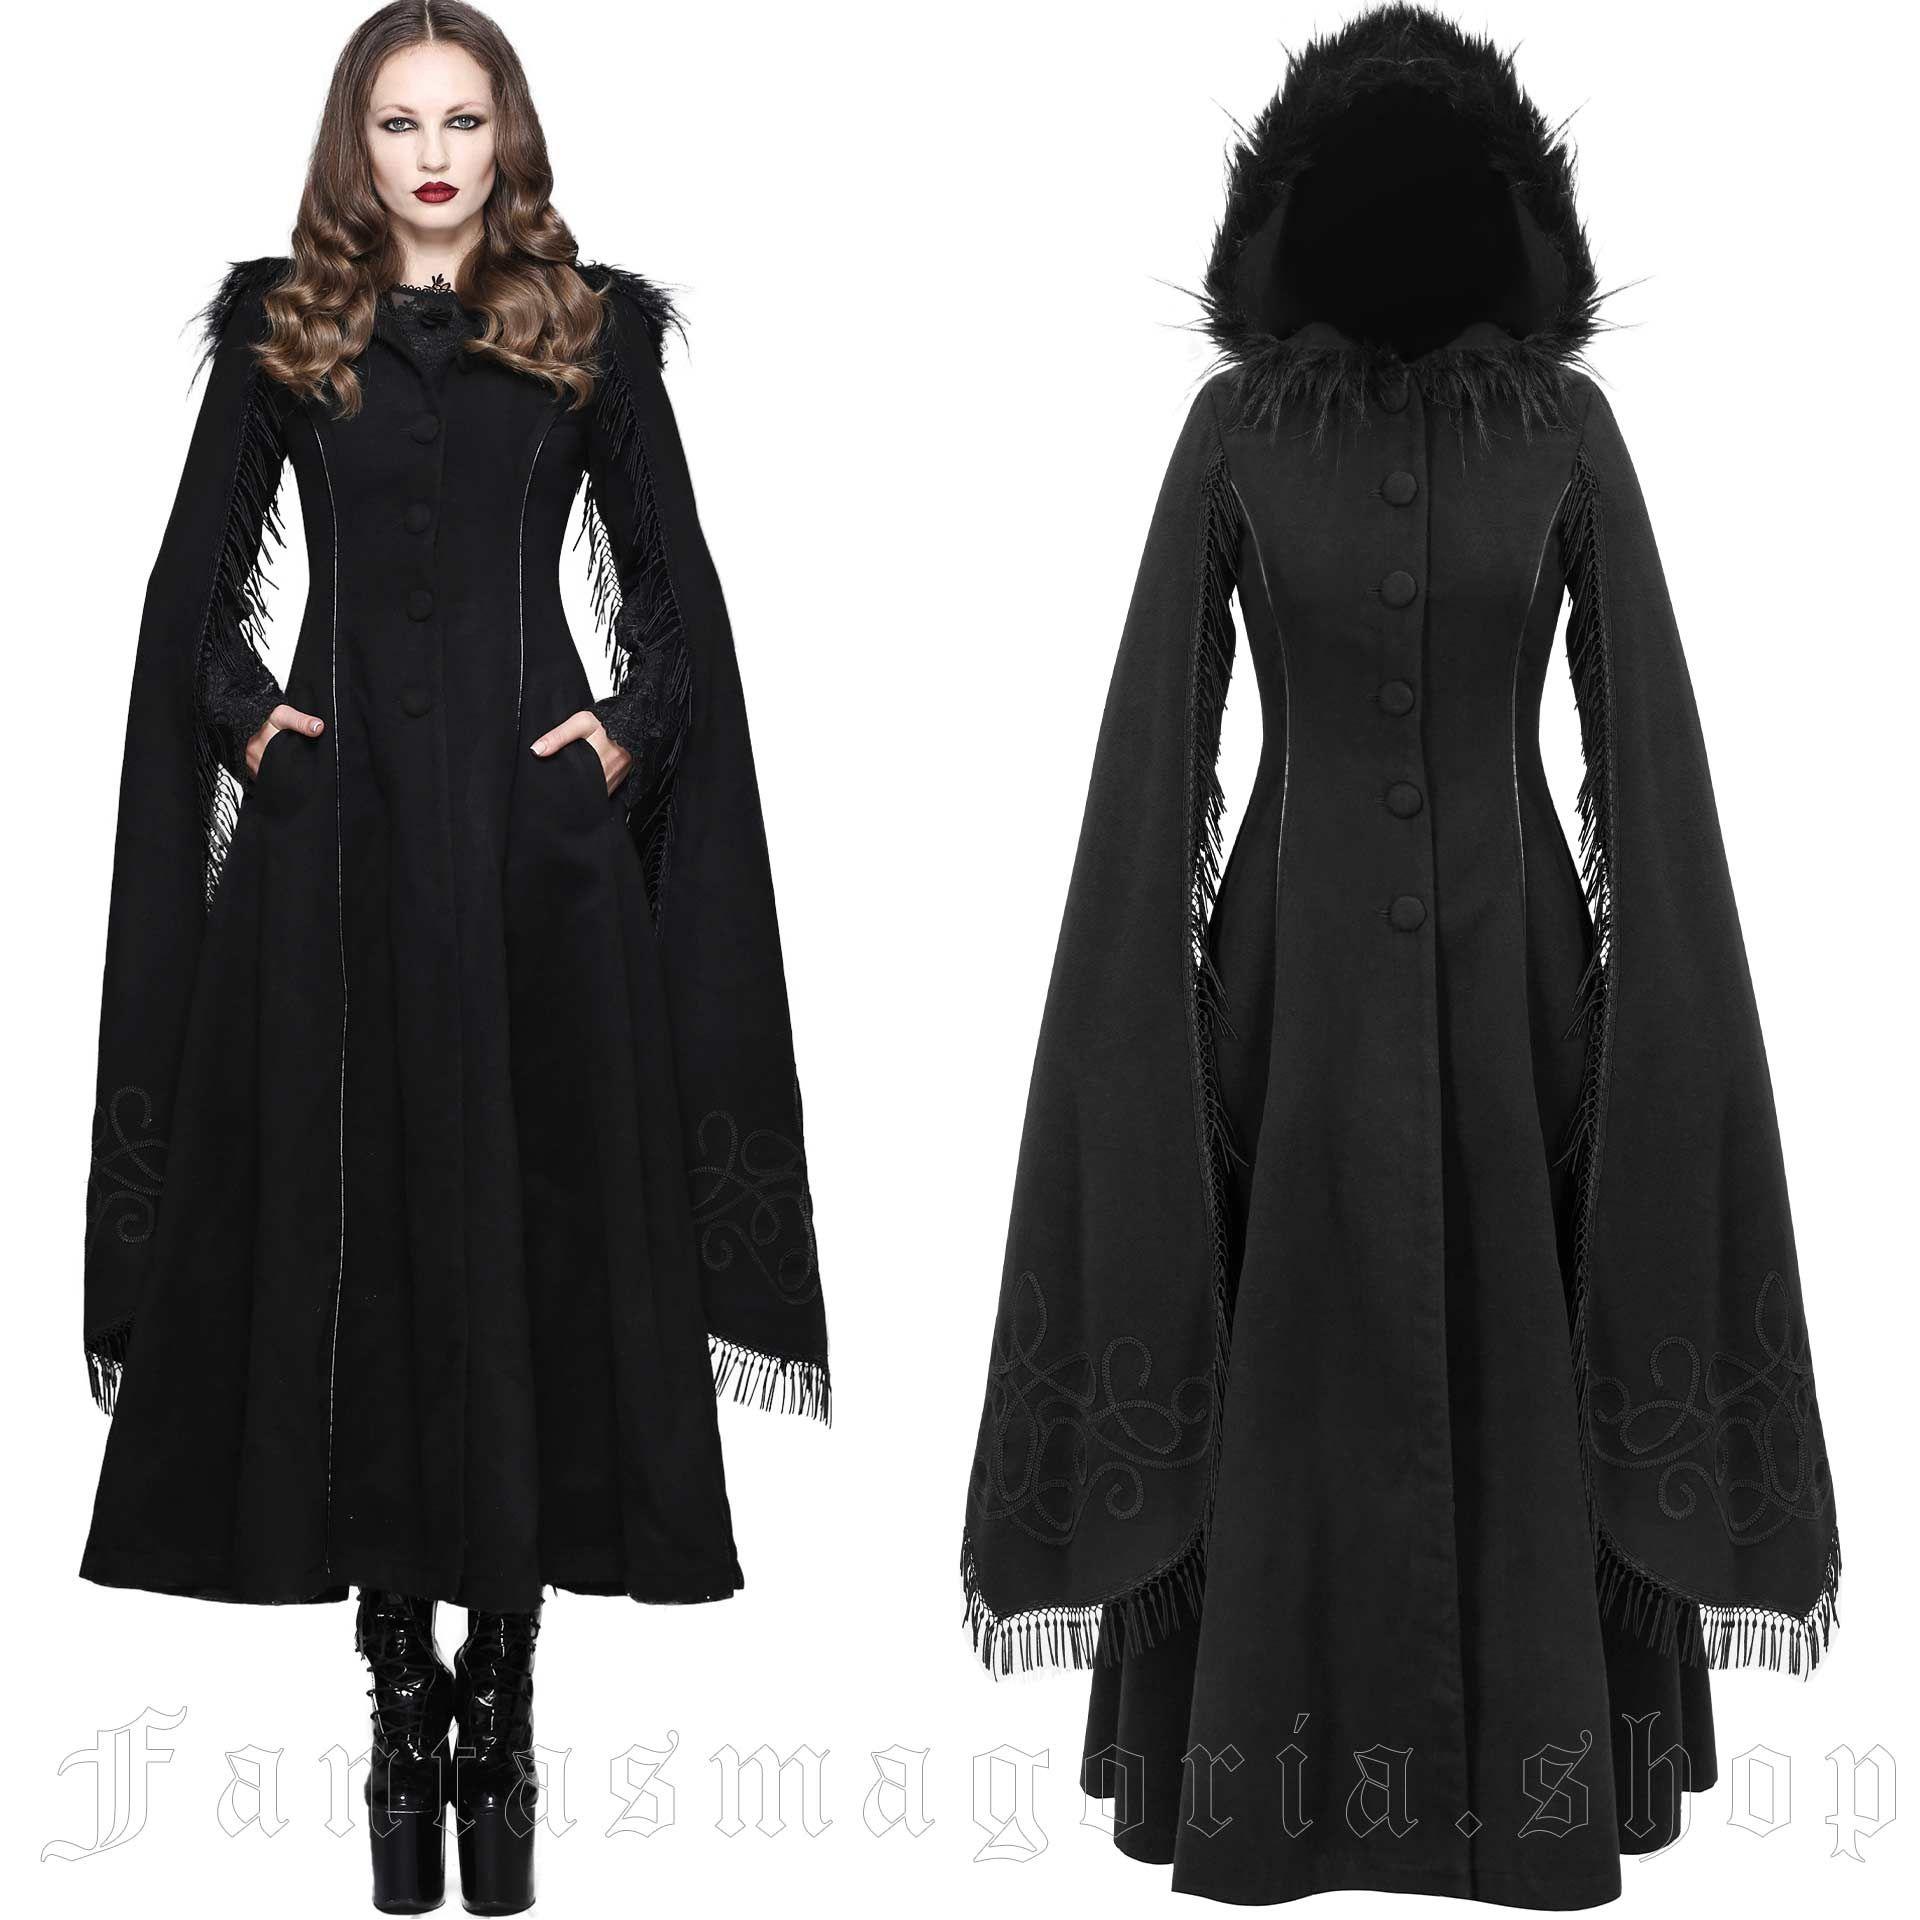 women's Swansea Black Coat by DEVIL FASHION brand, code: CT02401